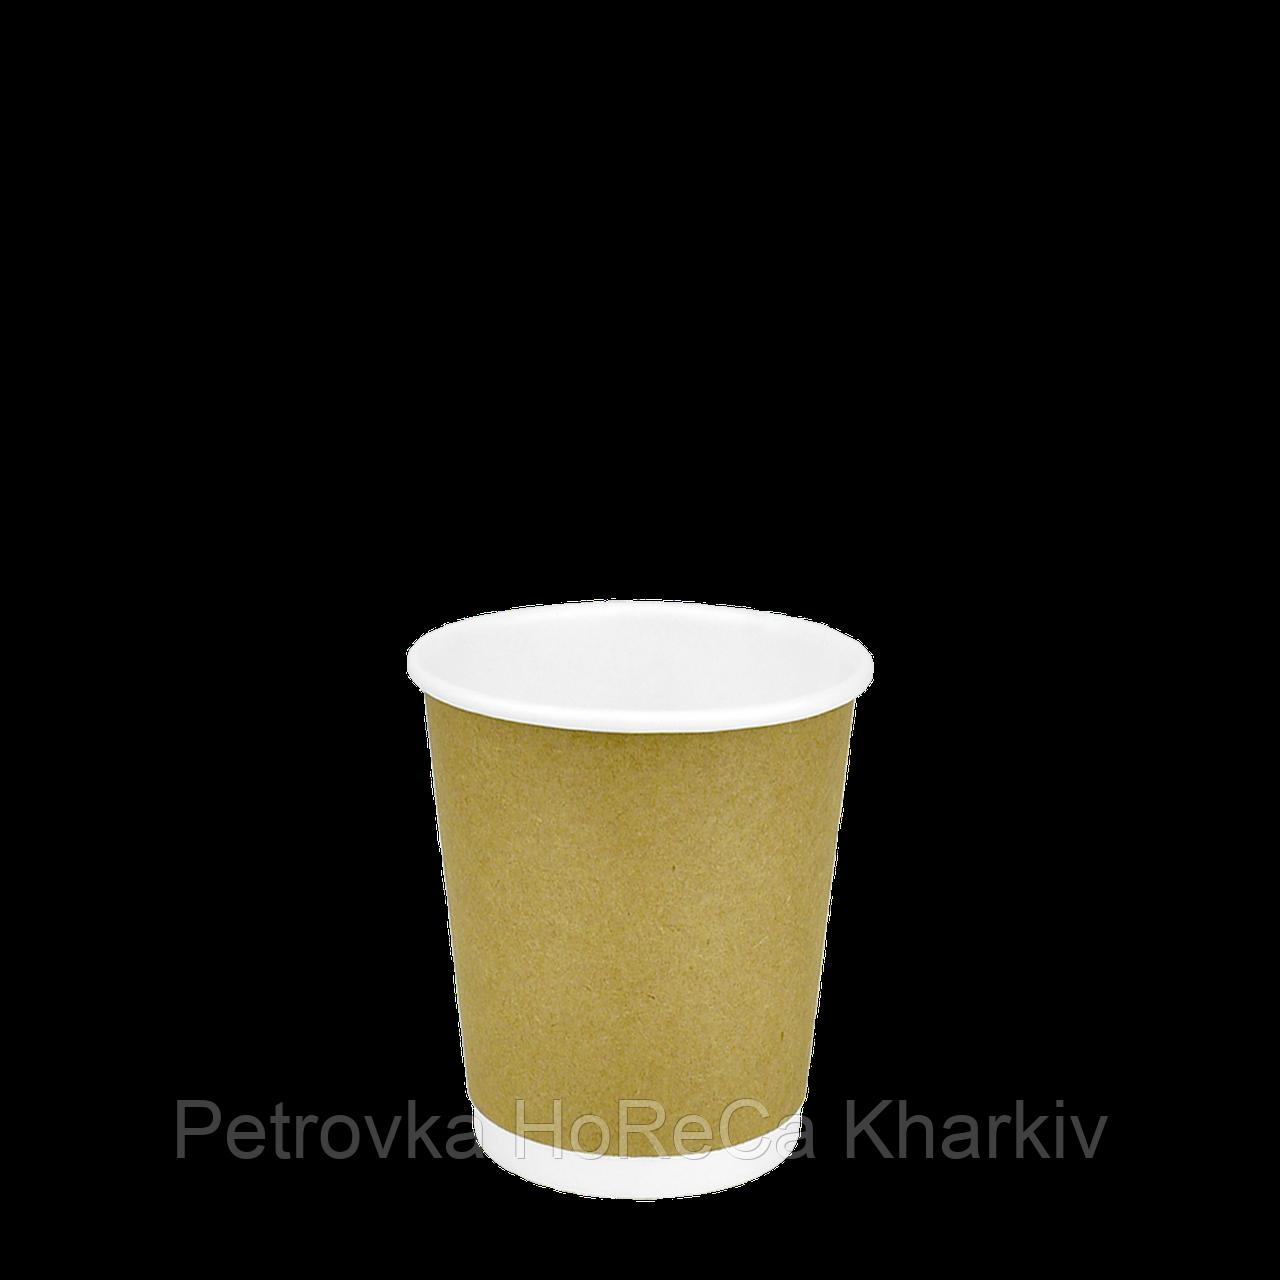 Паперовий стакан двошаровий Крафт 180мл. 70шт/уп (1ящ/23уп/1610шт) під кришку КР72